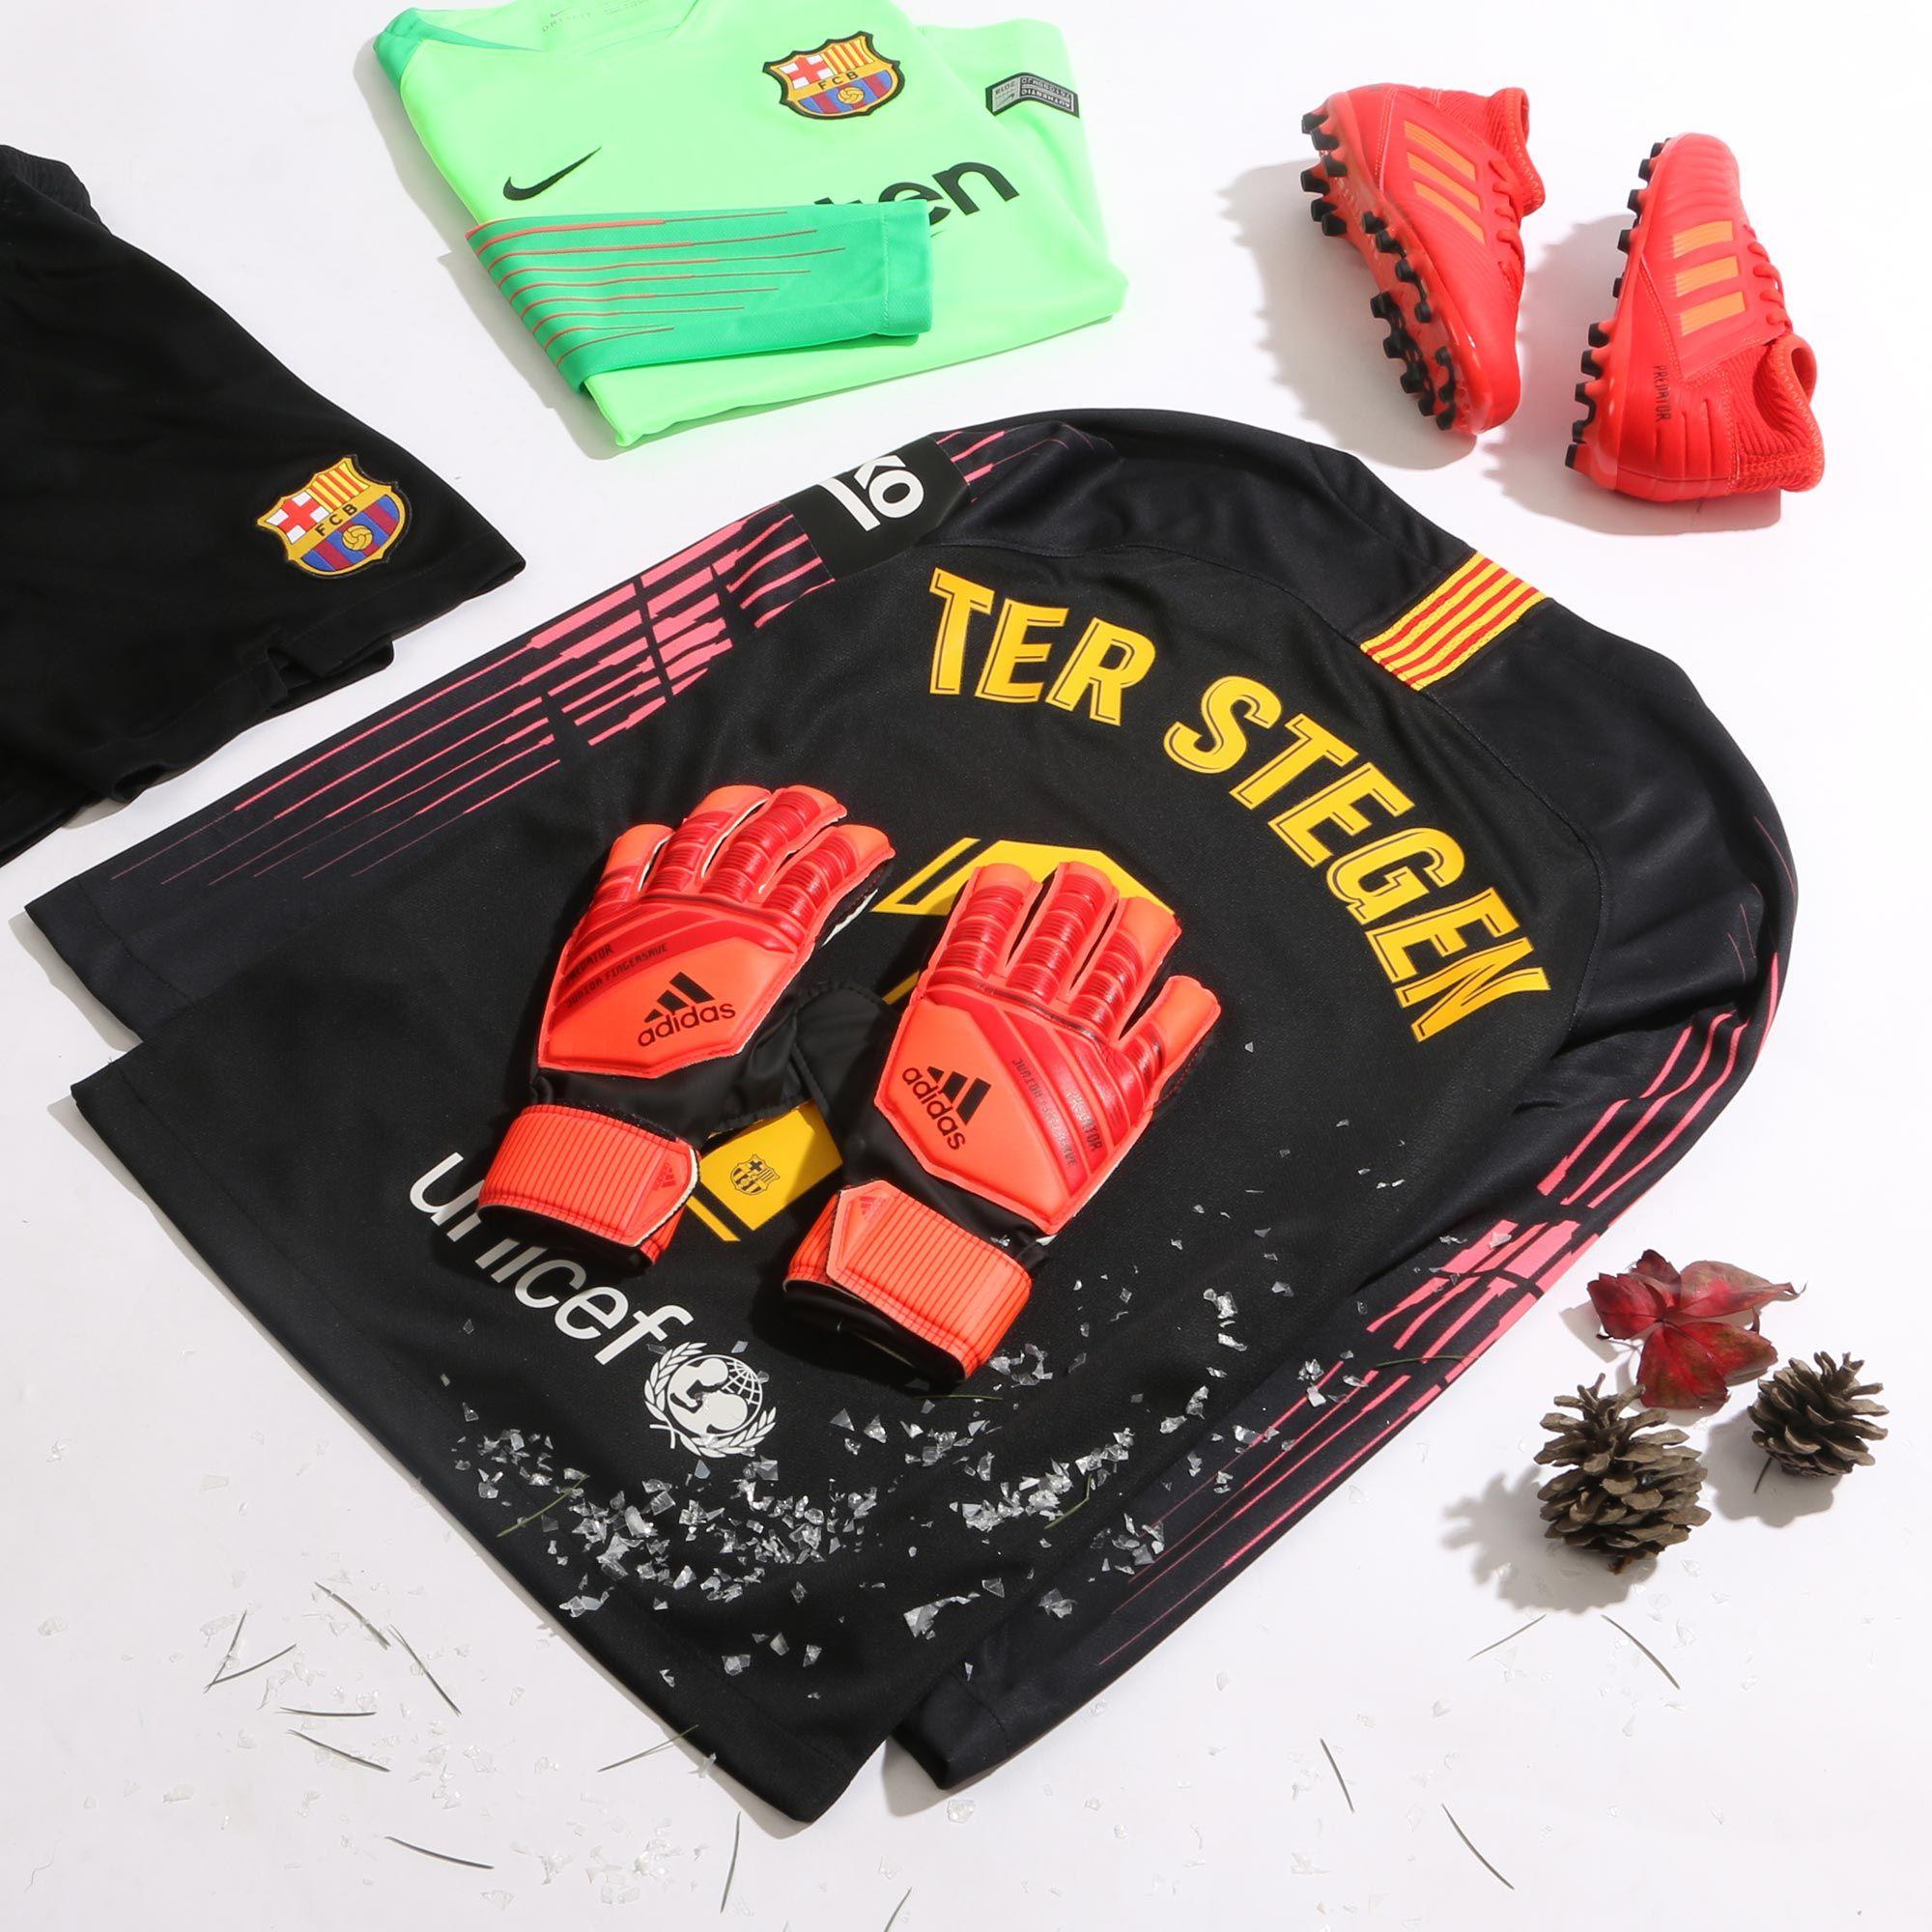 compromiso labio Realmente  Ter Stegen niño | Fútbol de niños, Arquero de futbol, Fotografía de fútbol